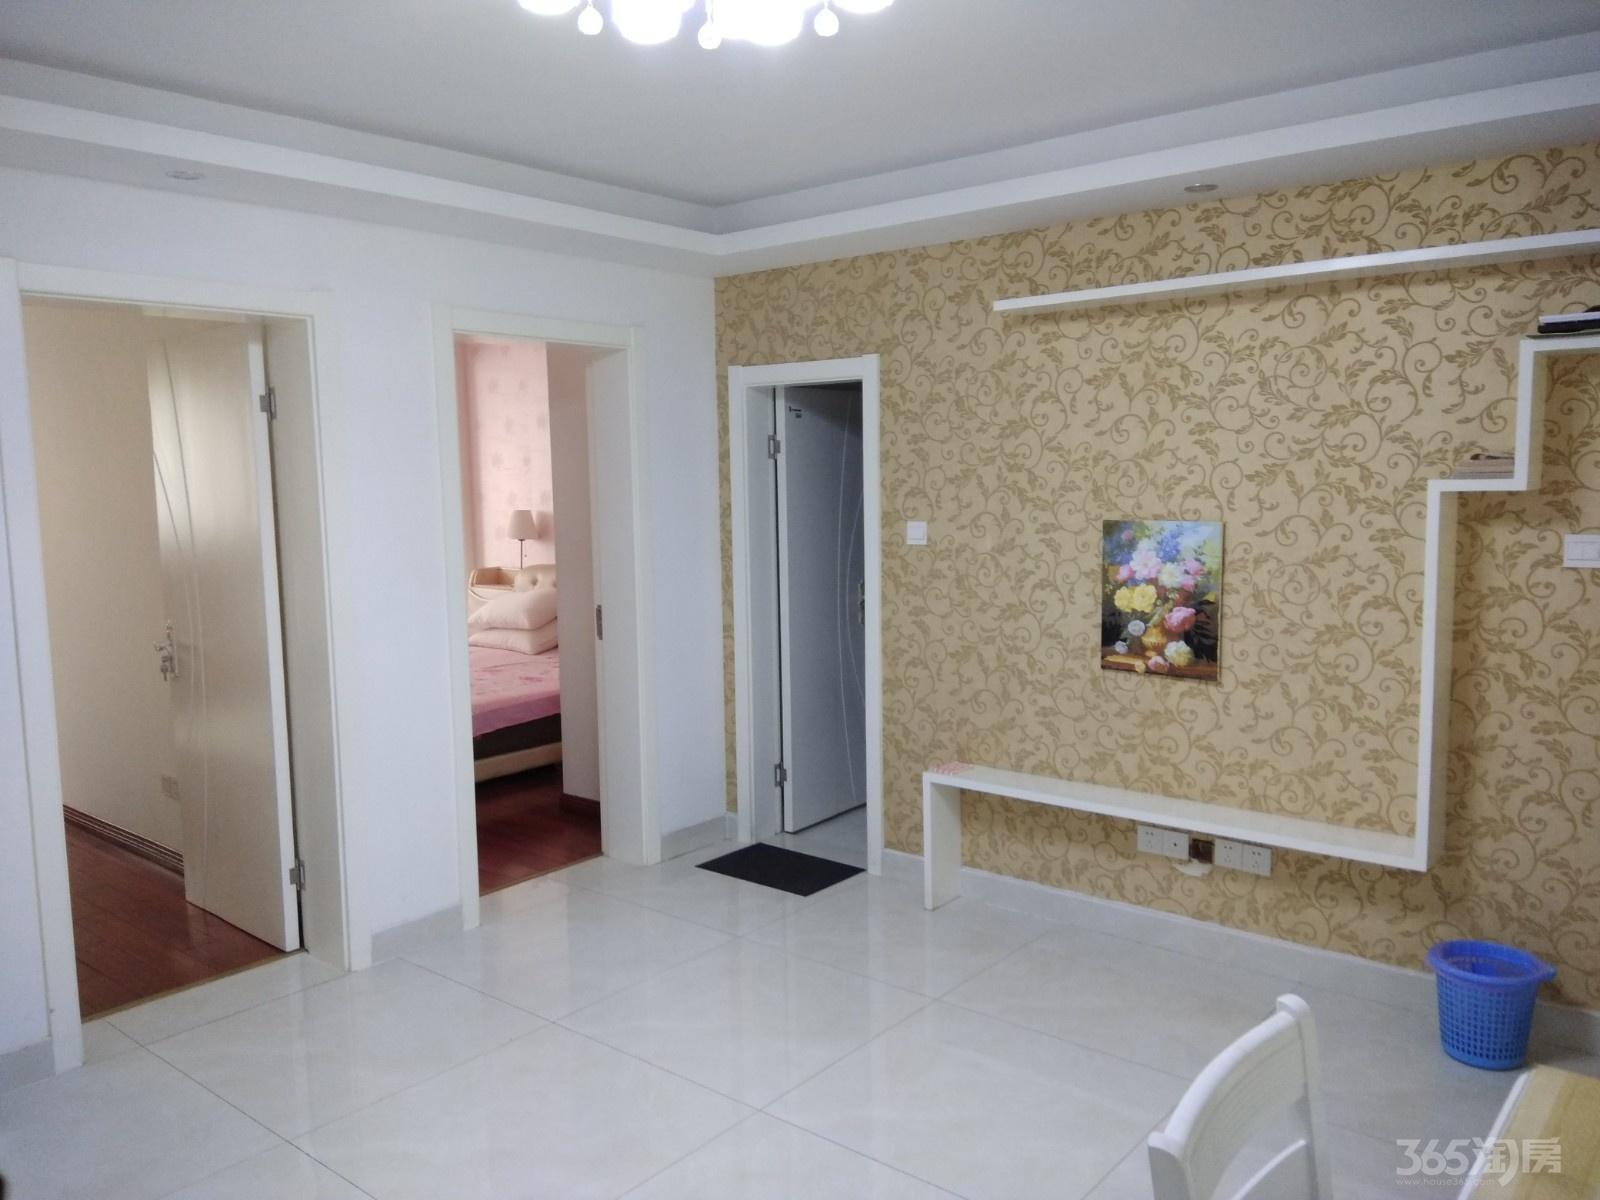 和燕路小区2室1厅1卫80平 两室都朝南 都有阳台 精装整租